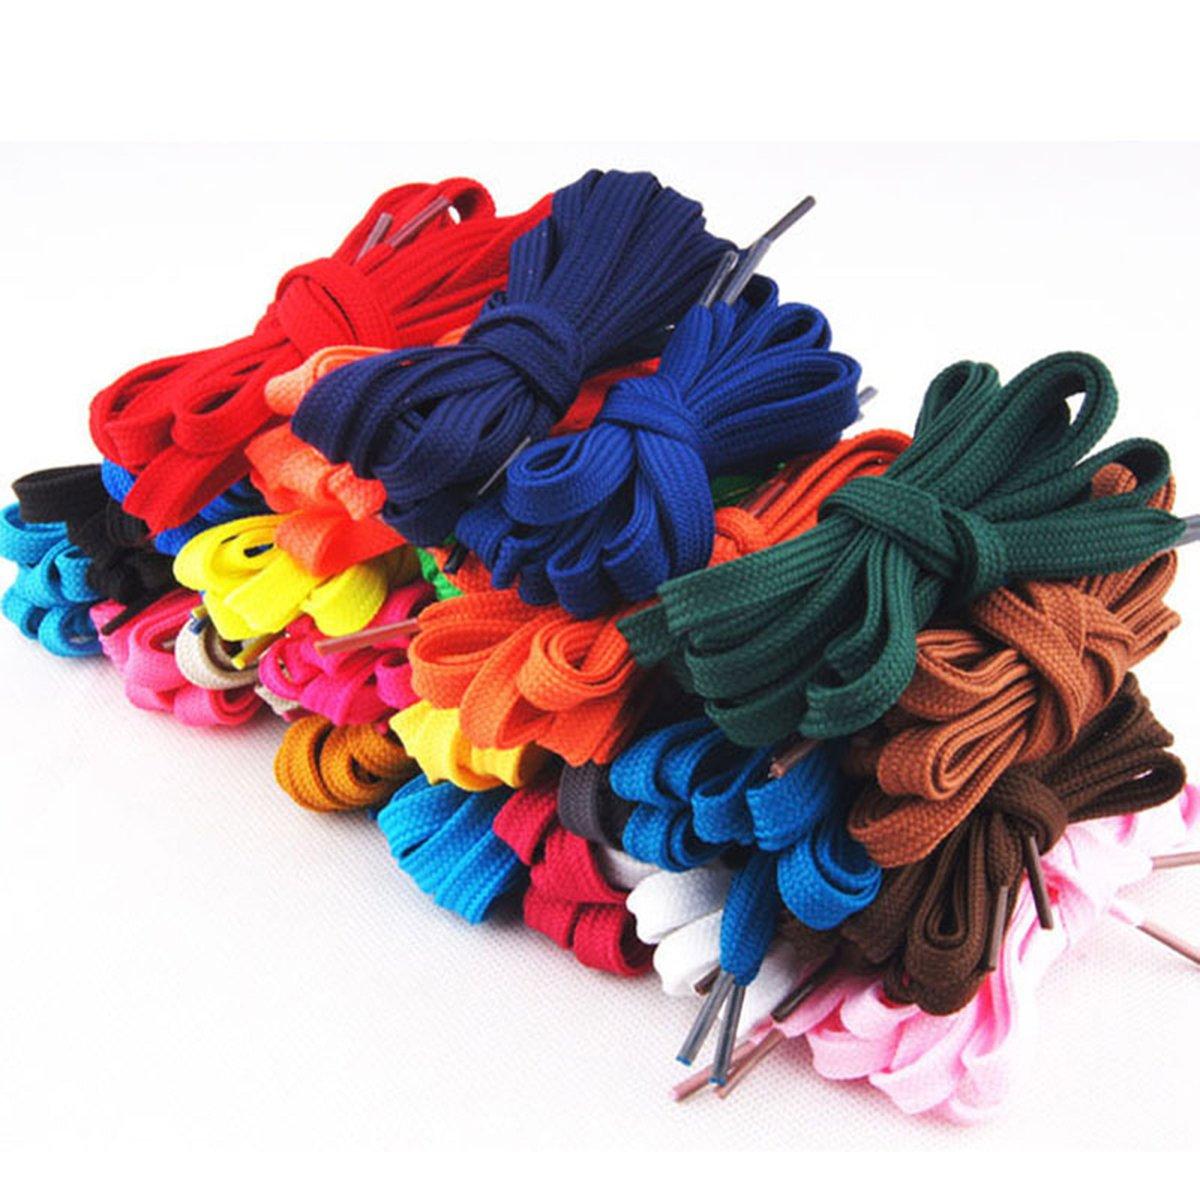 Pixnor 12 paires lacets plats chaussure lacets des chaînes de remplacement pour Sports chaussures bottes espadrilles patins (couleurs assorties)